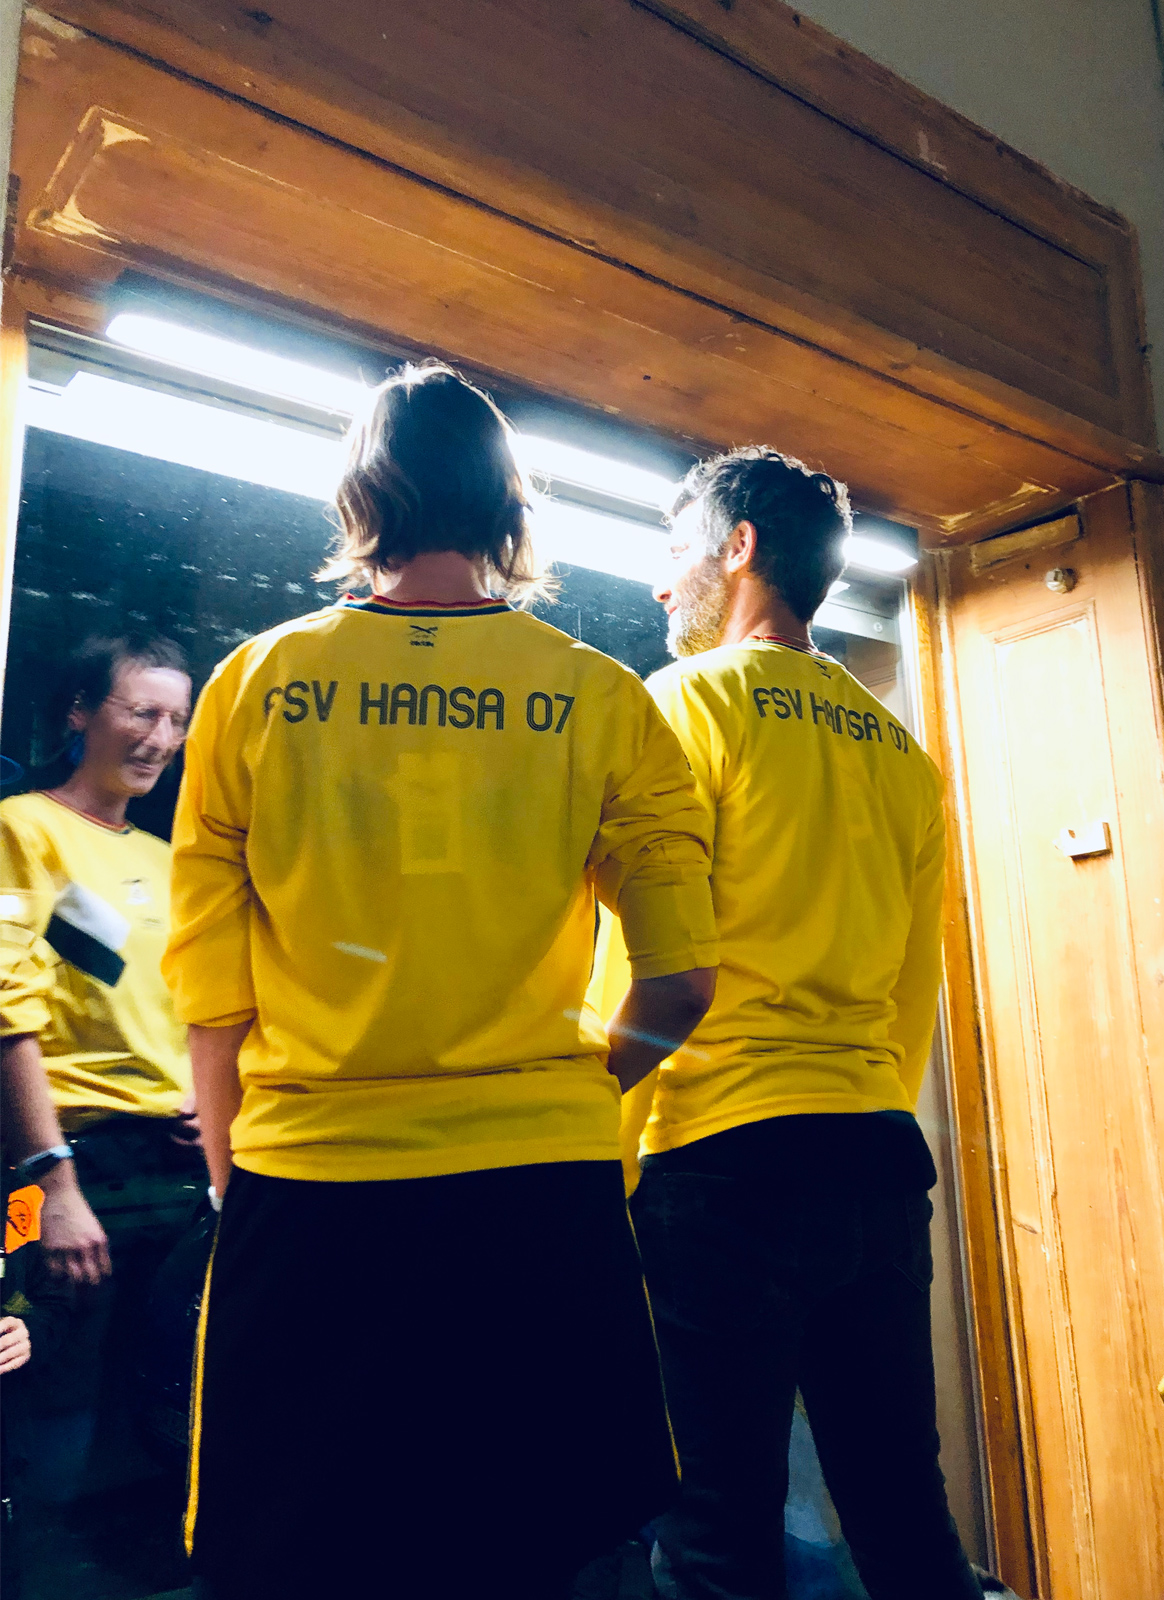 Trickot 2019 – FSV Hansa 07 Berlin e.V.